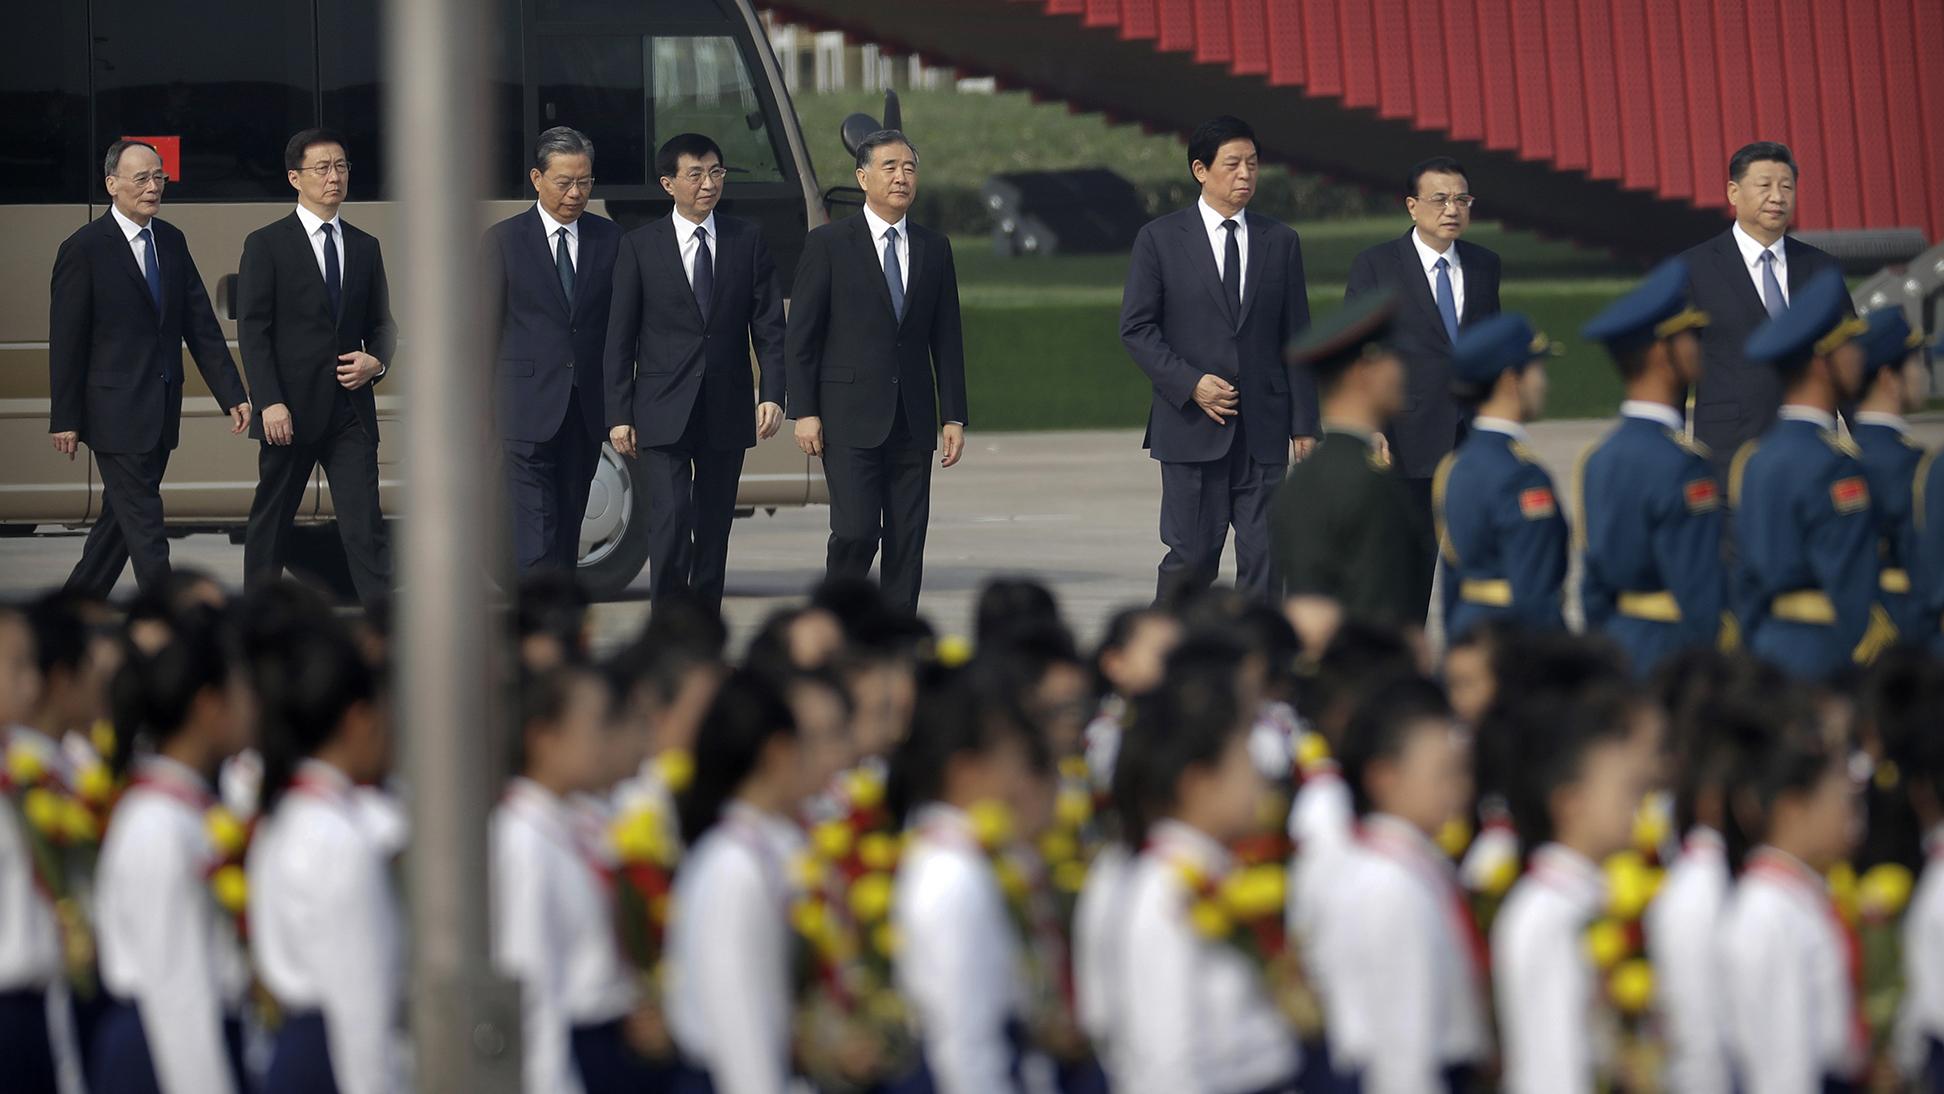 中国国家副主席王岐山(左一)和王沪宁(左四)等中共政治局常委。(美联社)